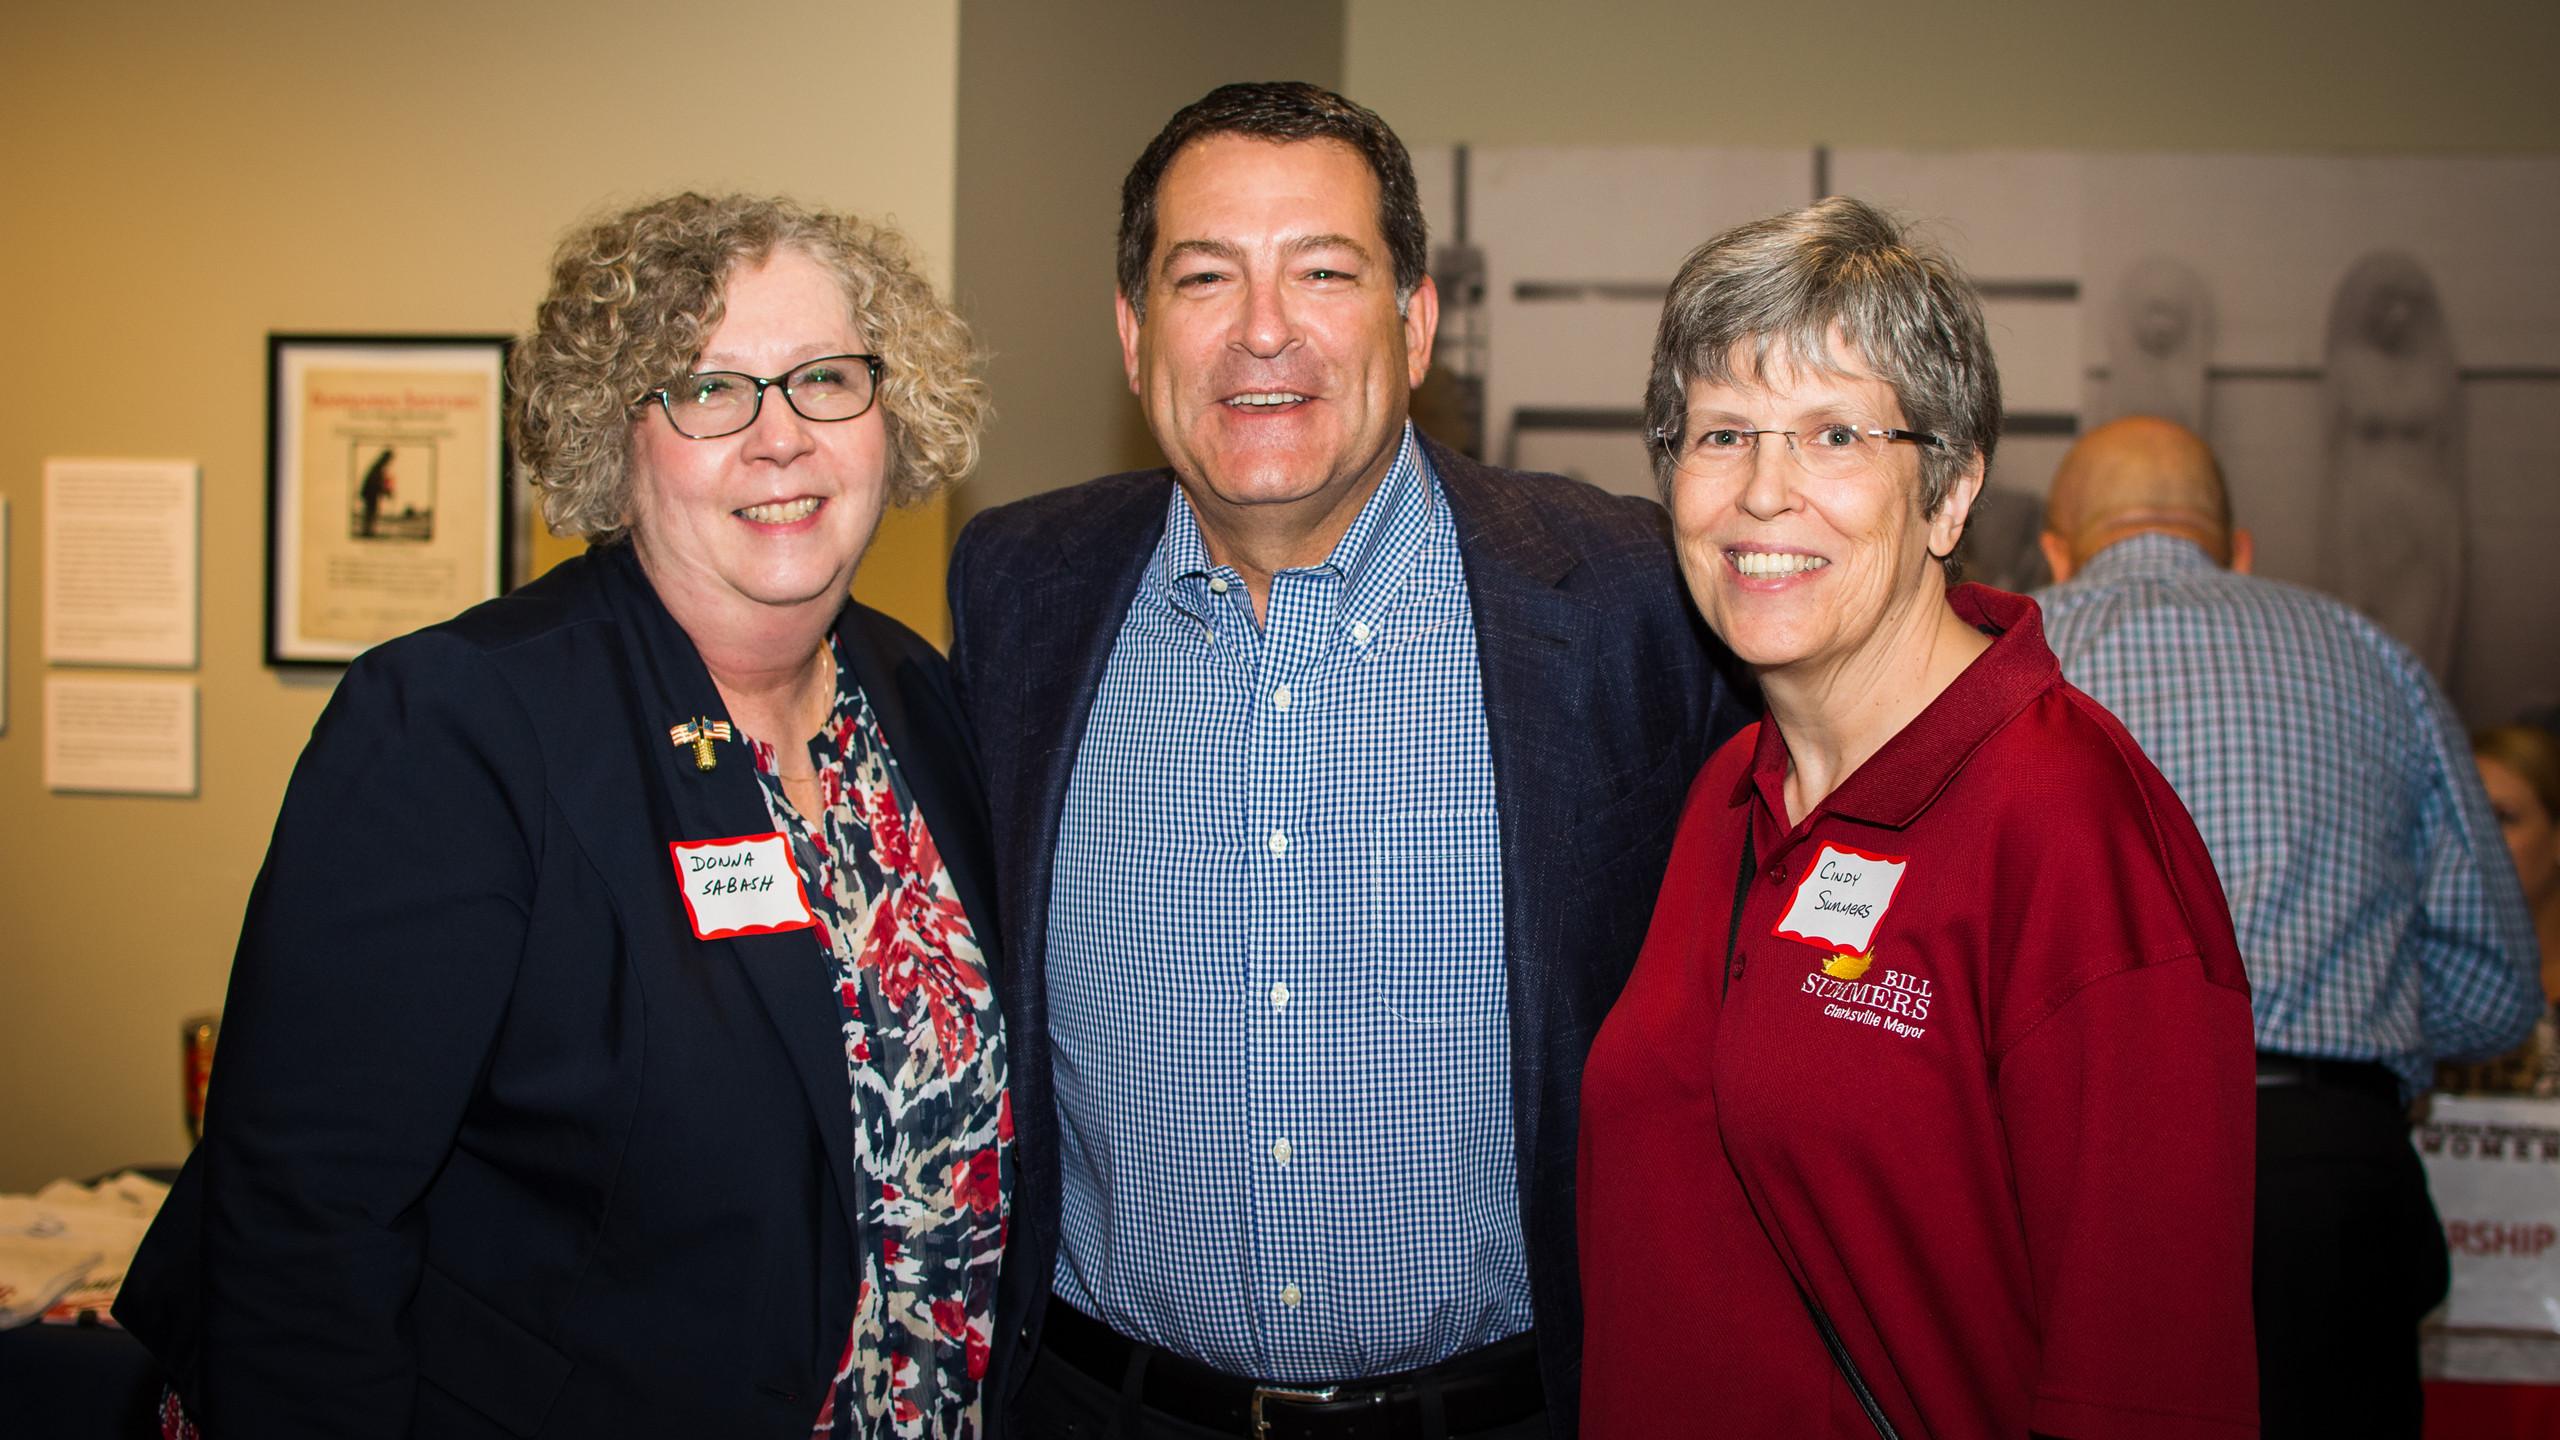 Donna Sabash, Mark Green, and Cindy Summ